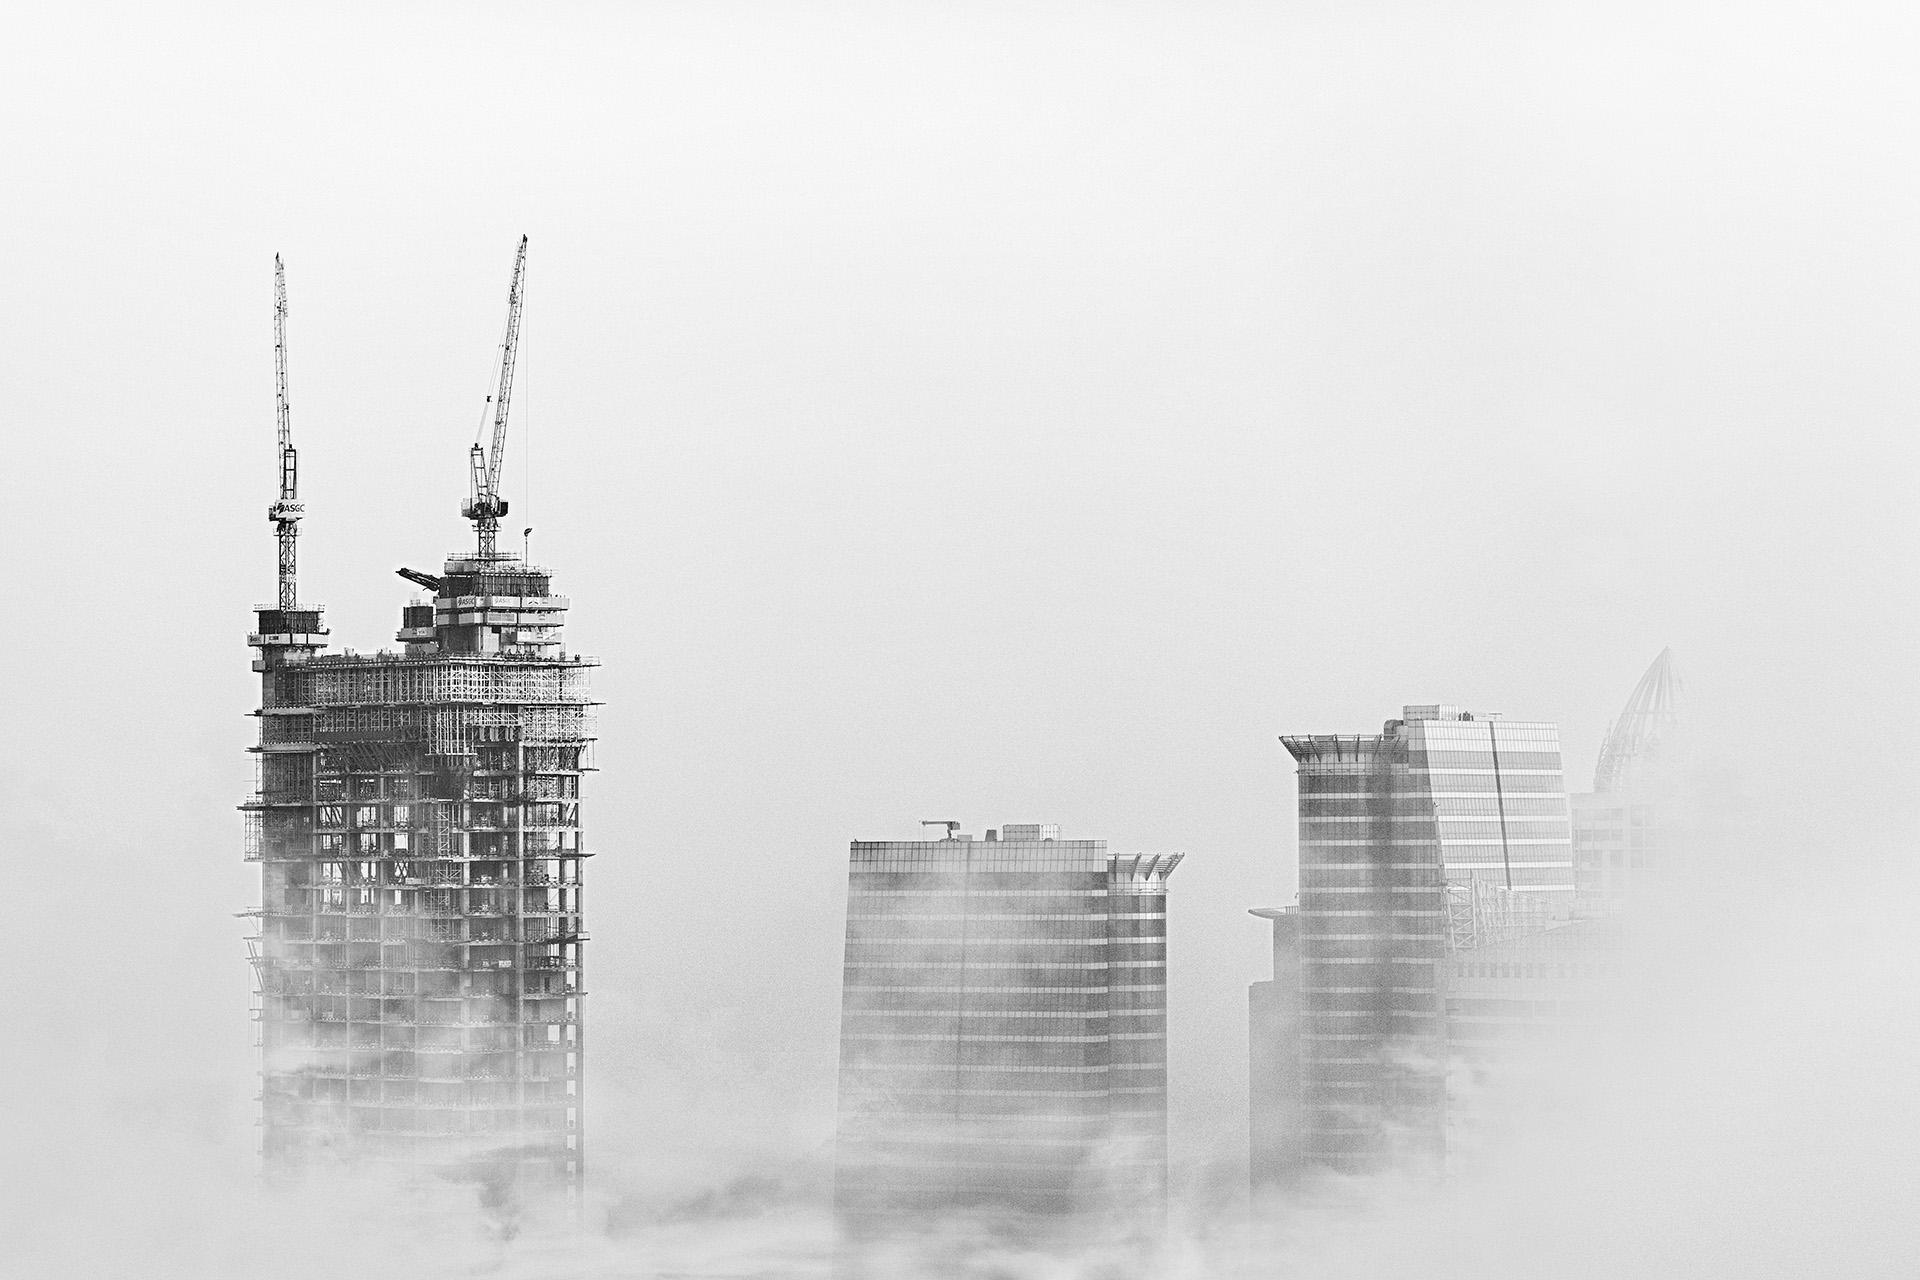 Caso De Éxito: Implementación De Metodología PMG Para Mejorar La Productividad En La Construcción De Viviendas En Altura